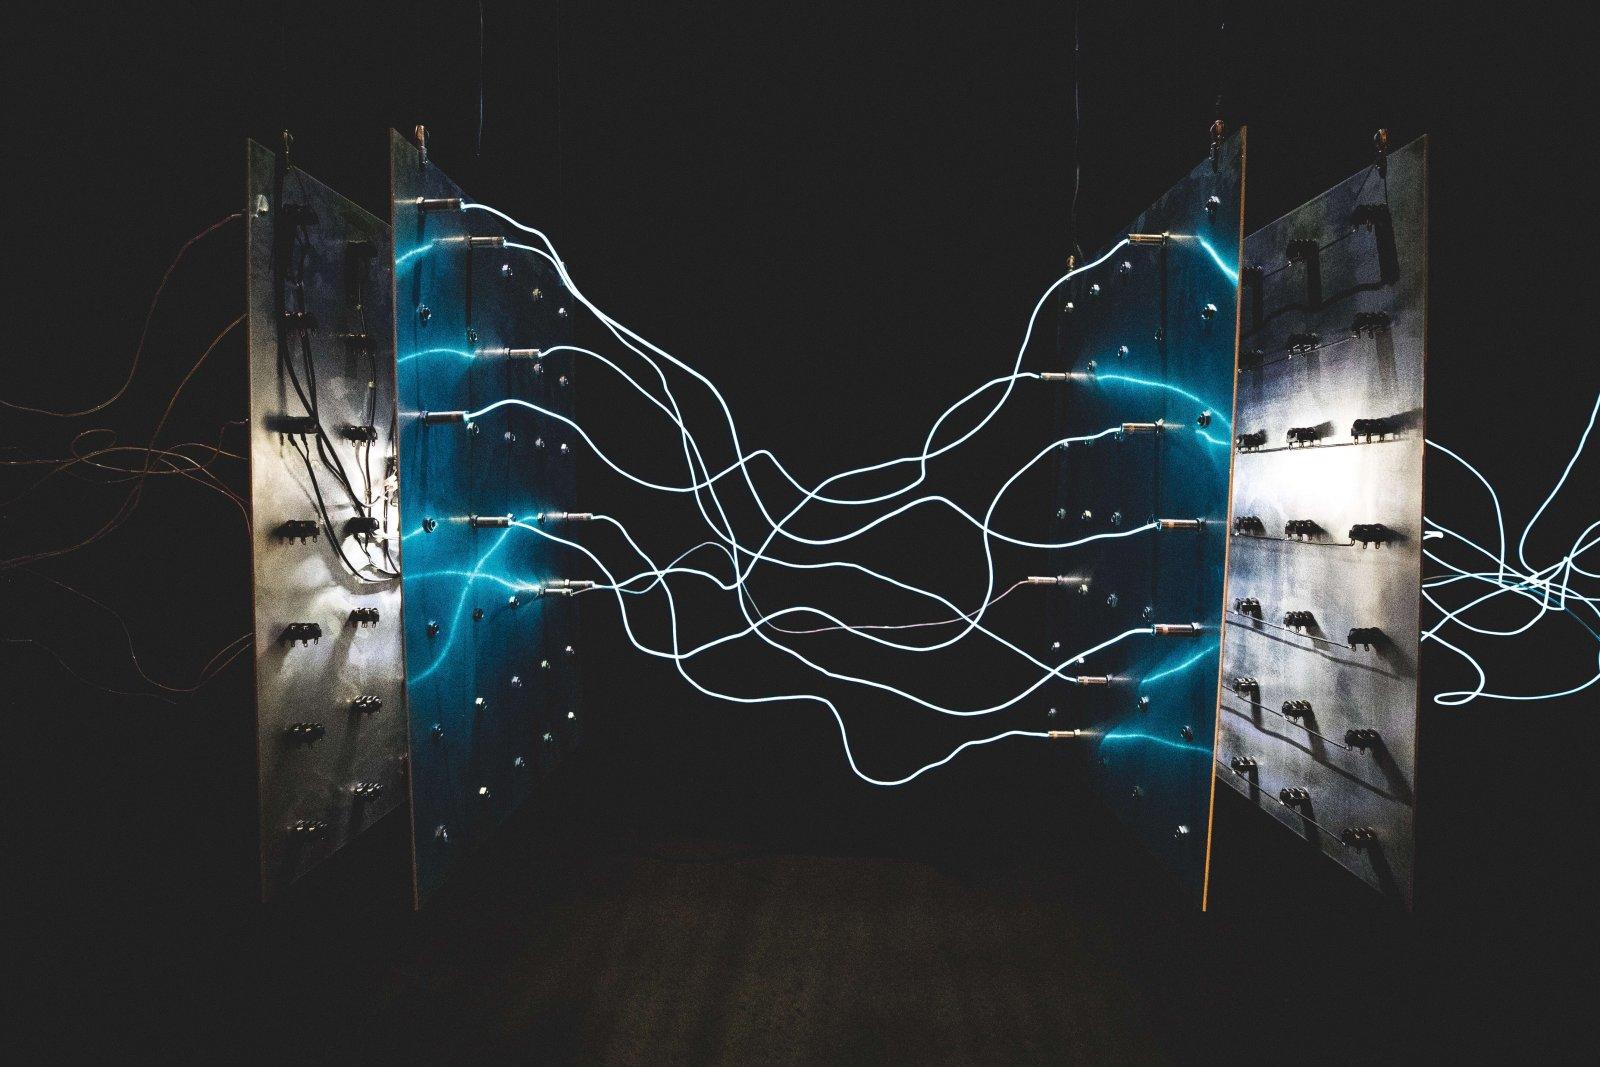 מה ההבדל בין חשמל חד-פאזי לתלת-פאזי?